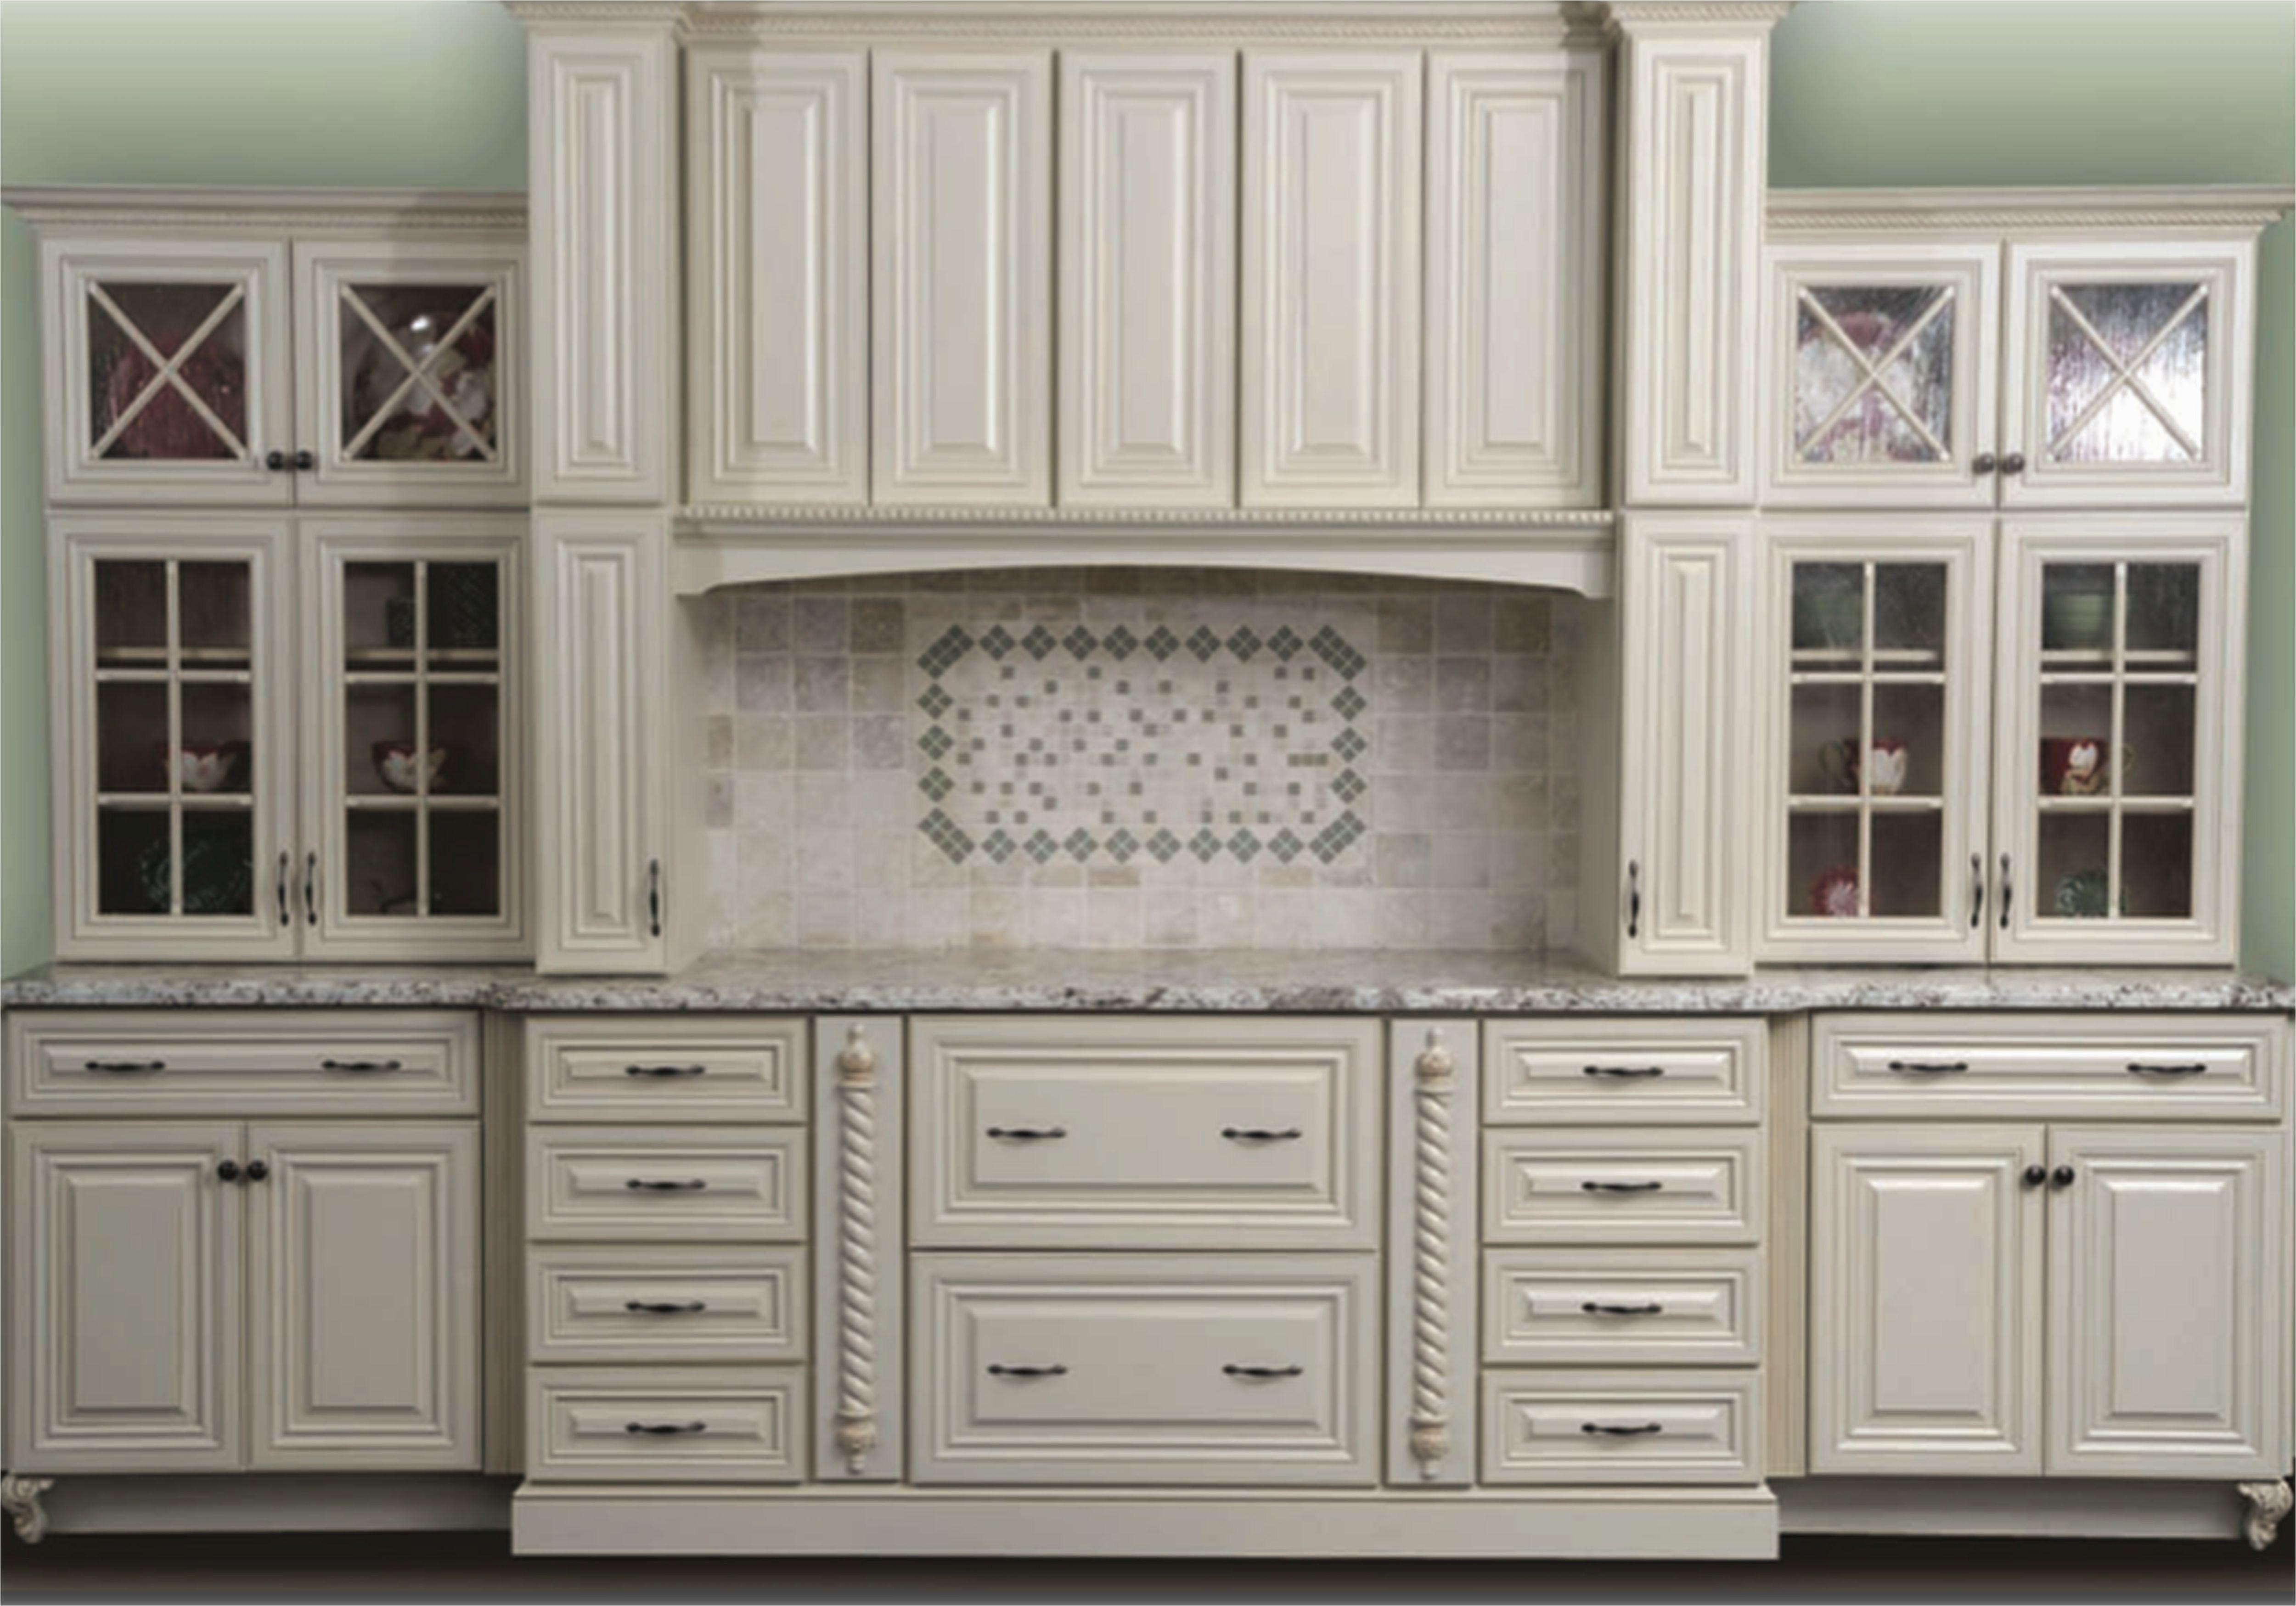 Kitchen Cabinets with Hardware Amazing Antique Nickel Cabinet Pulls Terrific Kitchen Cabinet Hardware Nj